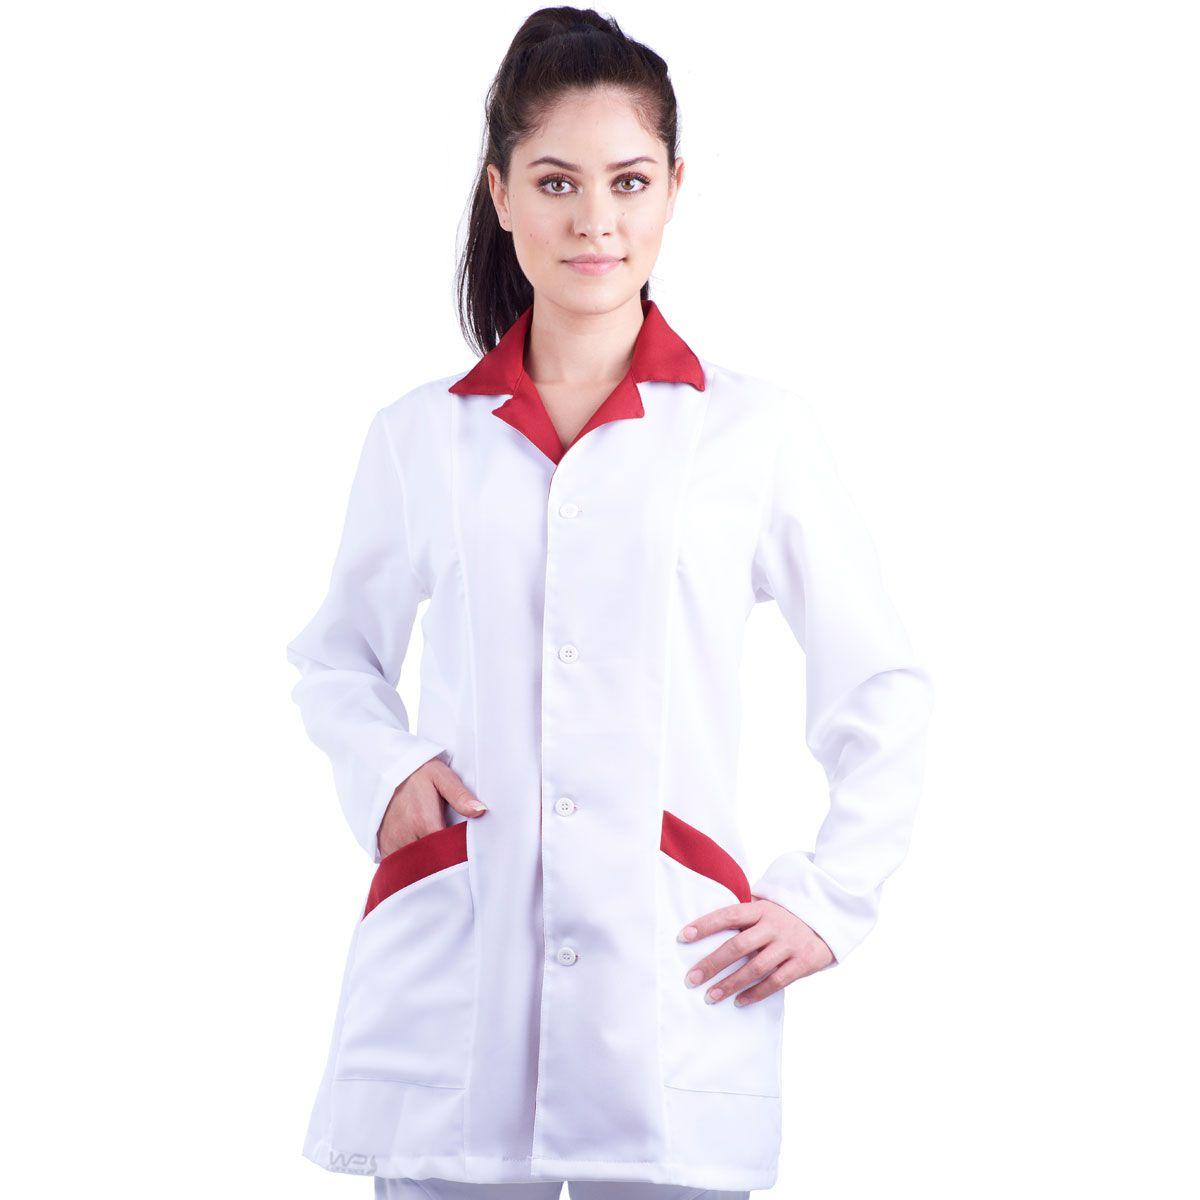 Jaleco Feminino Acinturado Branco/Vermelho